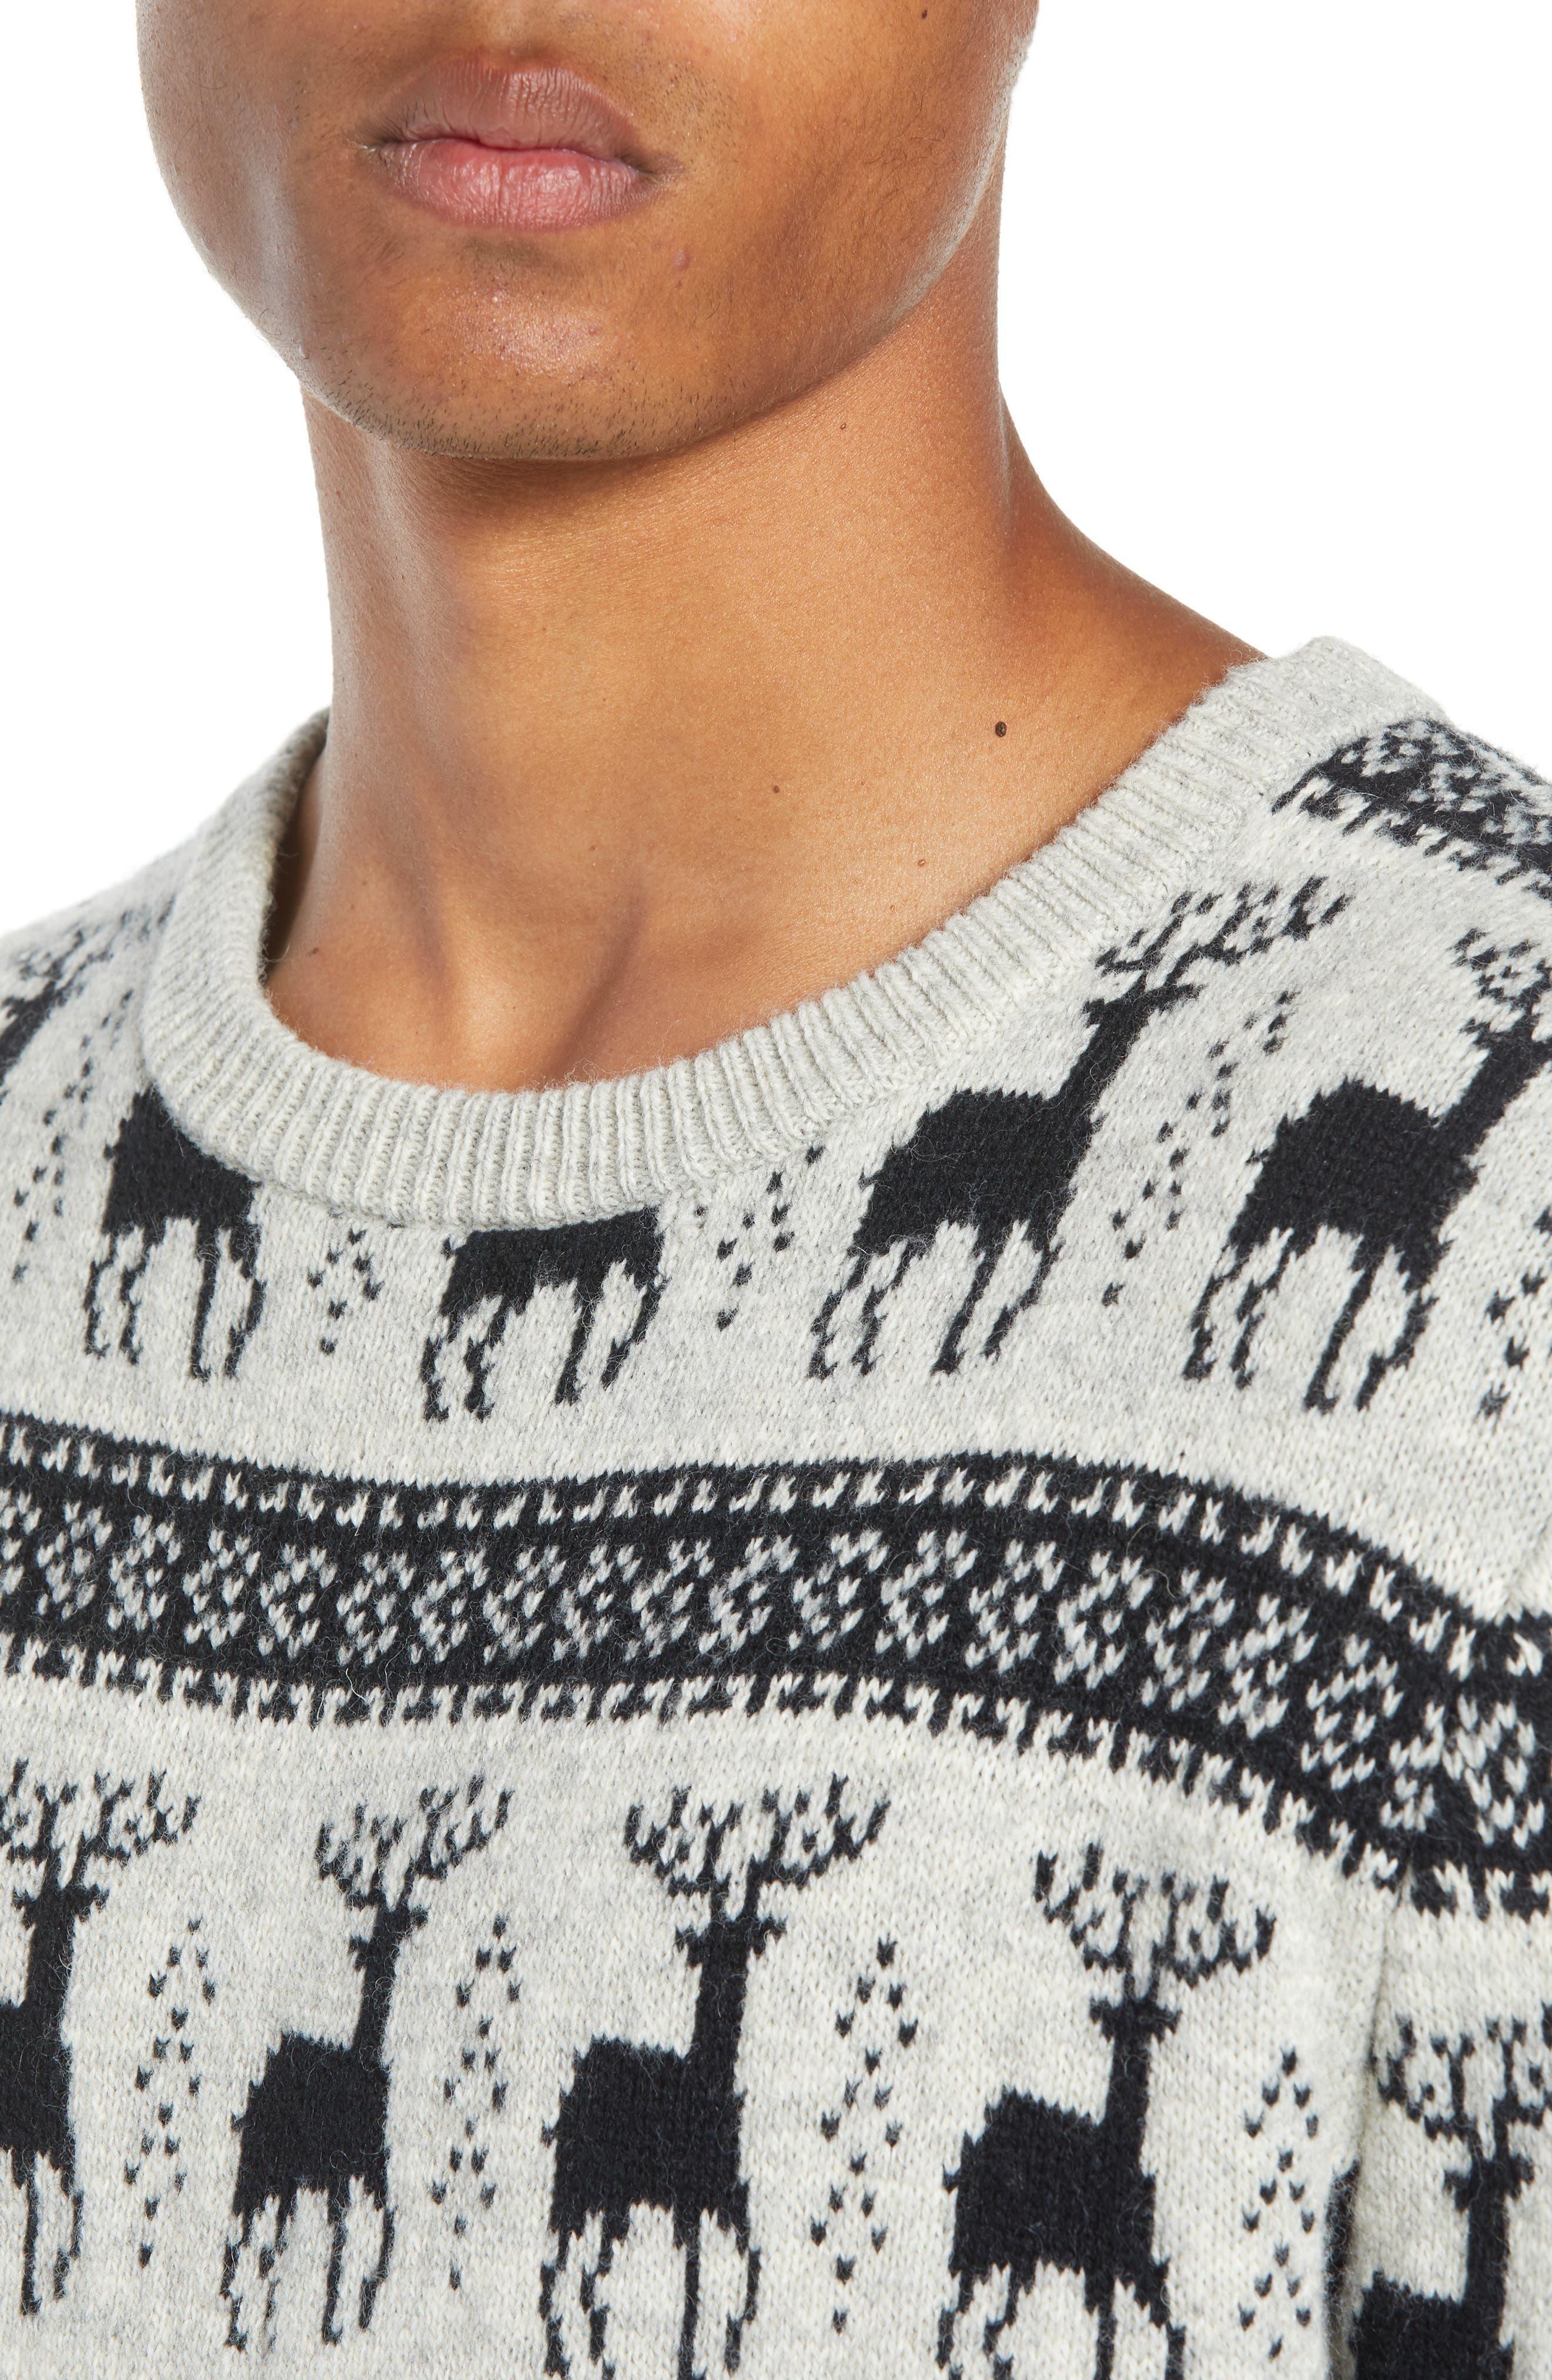 Cedar Slim Fit Crewneck Sweater,                             Alternate thumbnail 4, color,                             LIGHT HEATHER GREY